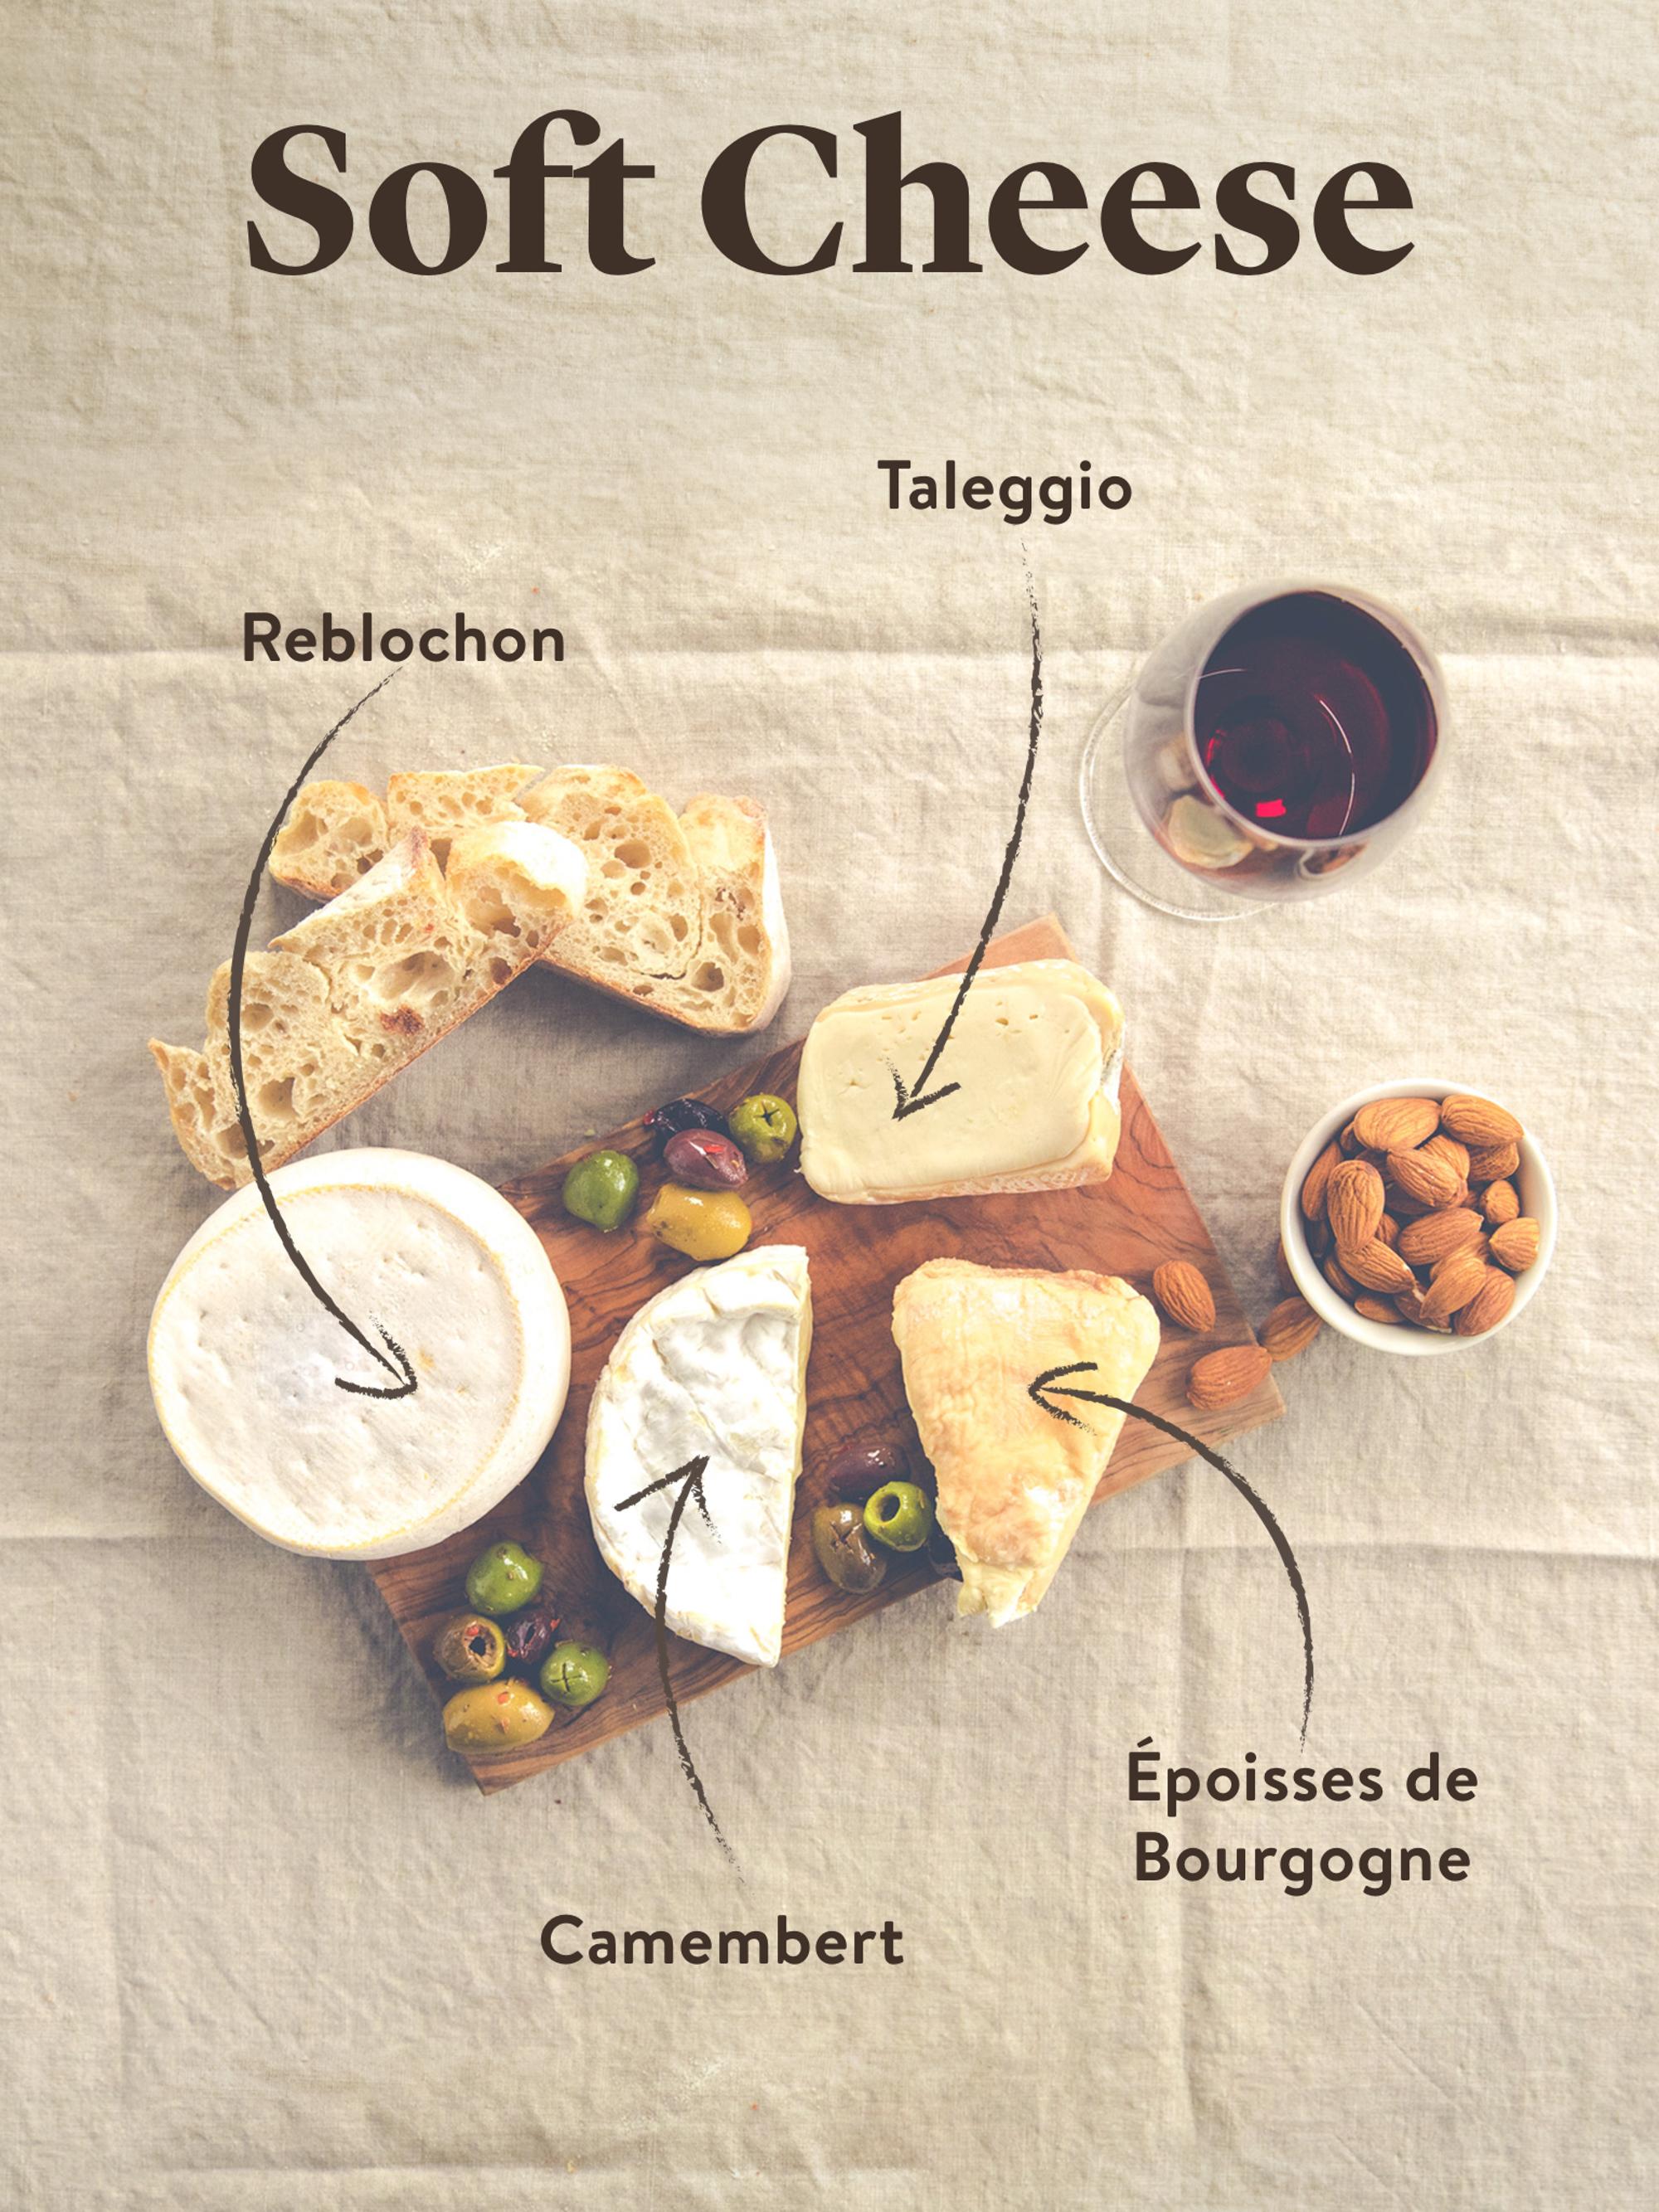 E-A788_cheese_plates_soft_cheese_EN